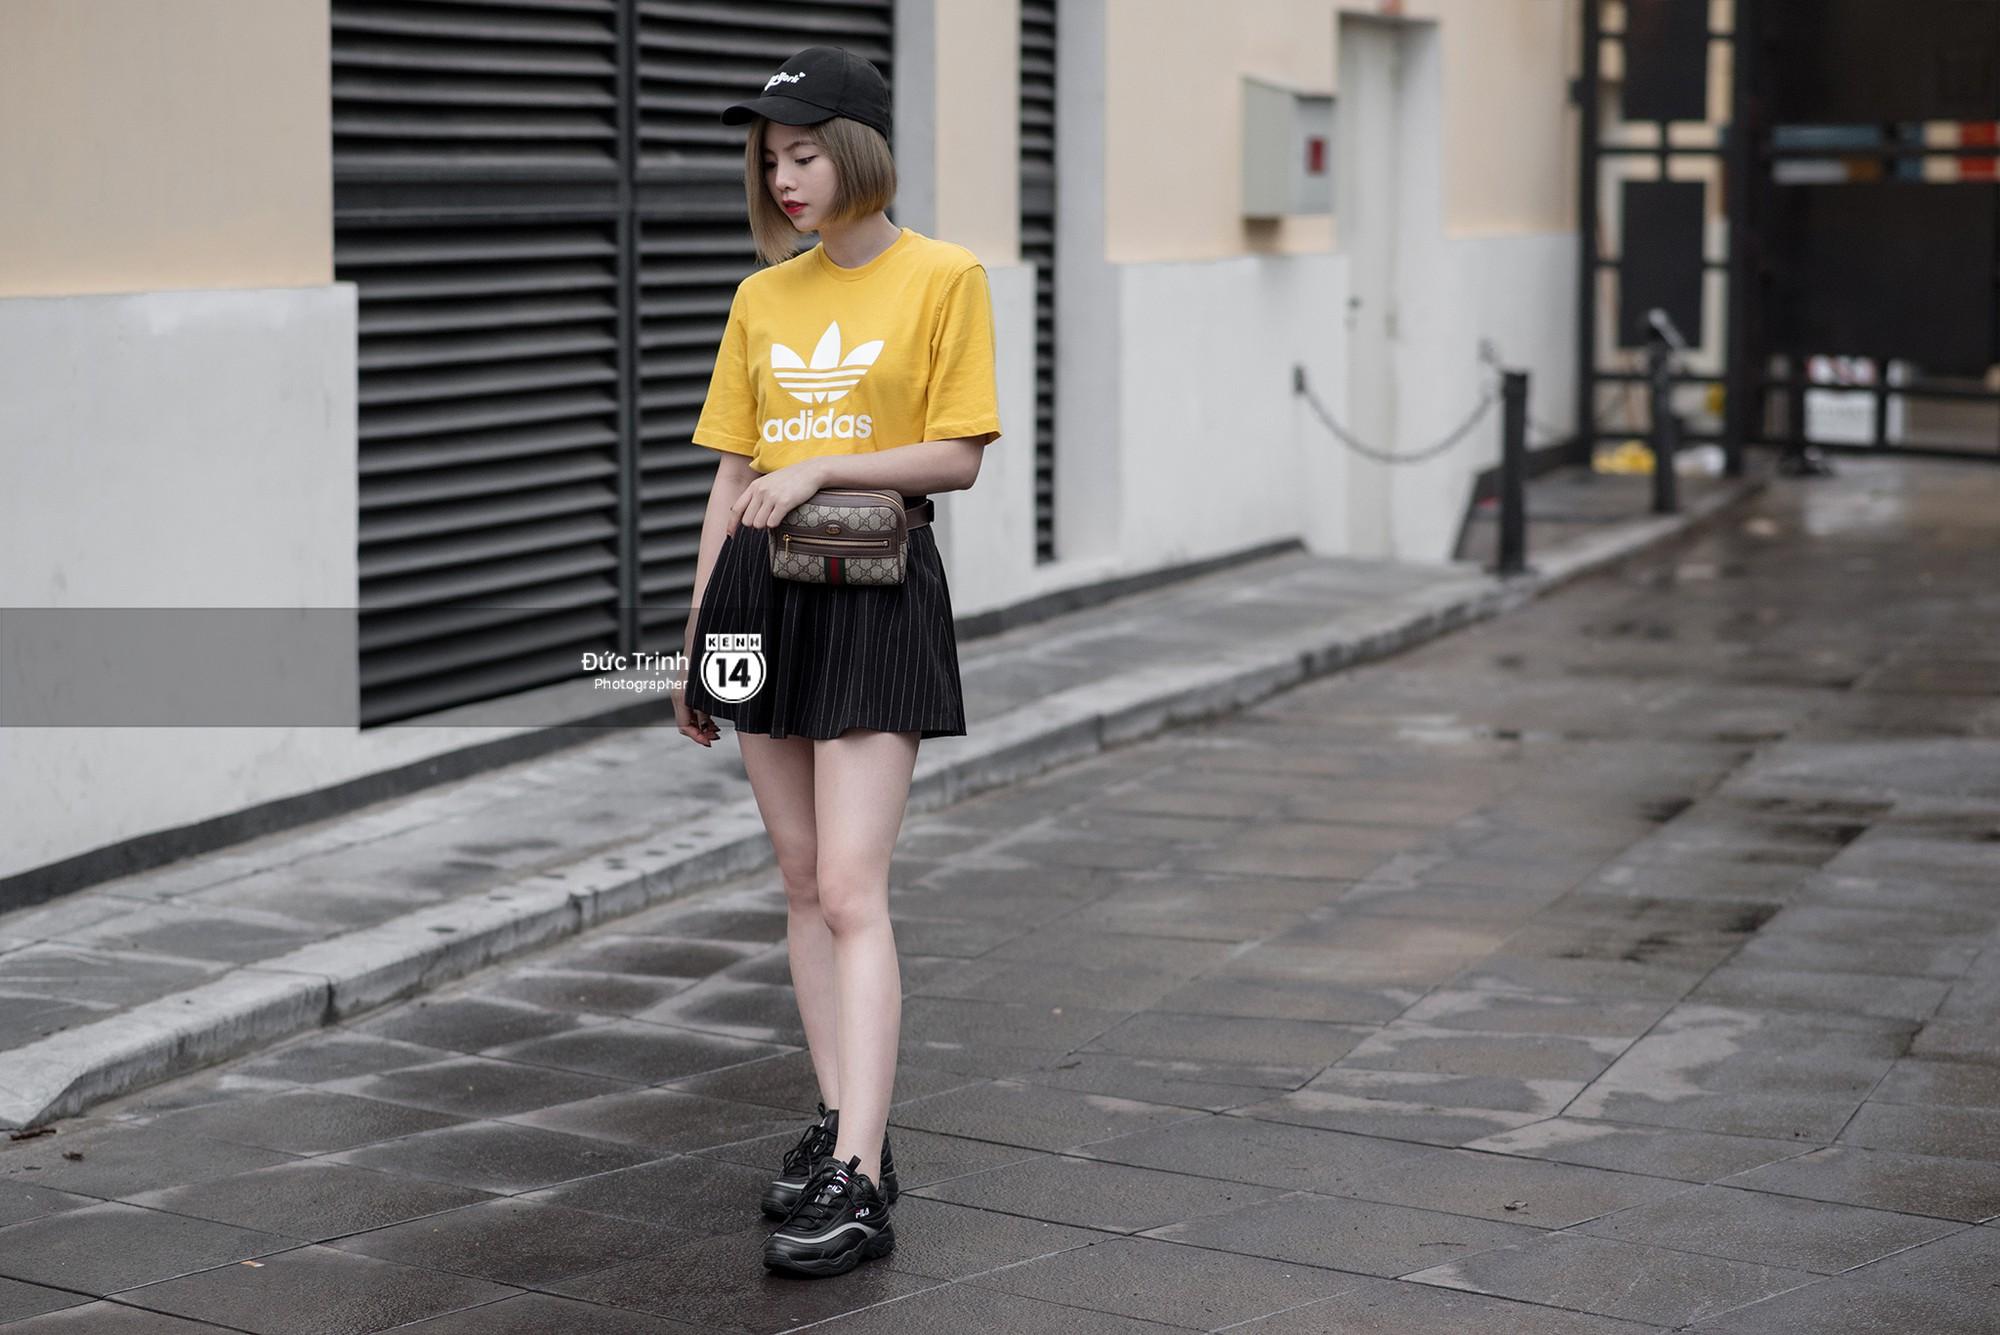 Giới trẻ 2 miền chinh phục loạt hot trend, khoe street style siêu cool và thời thượng ngắm là mê - Ảnh 14.